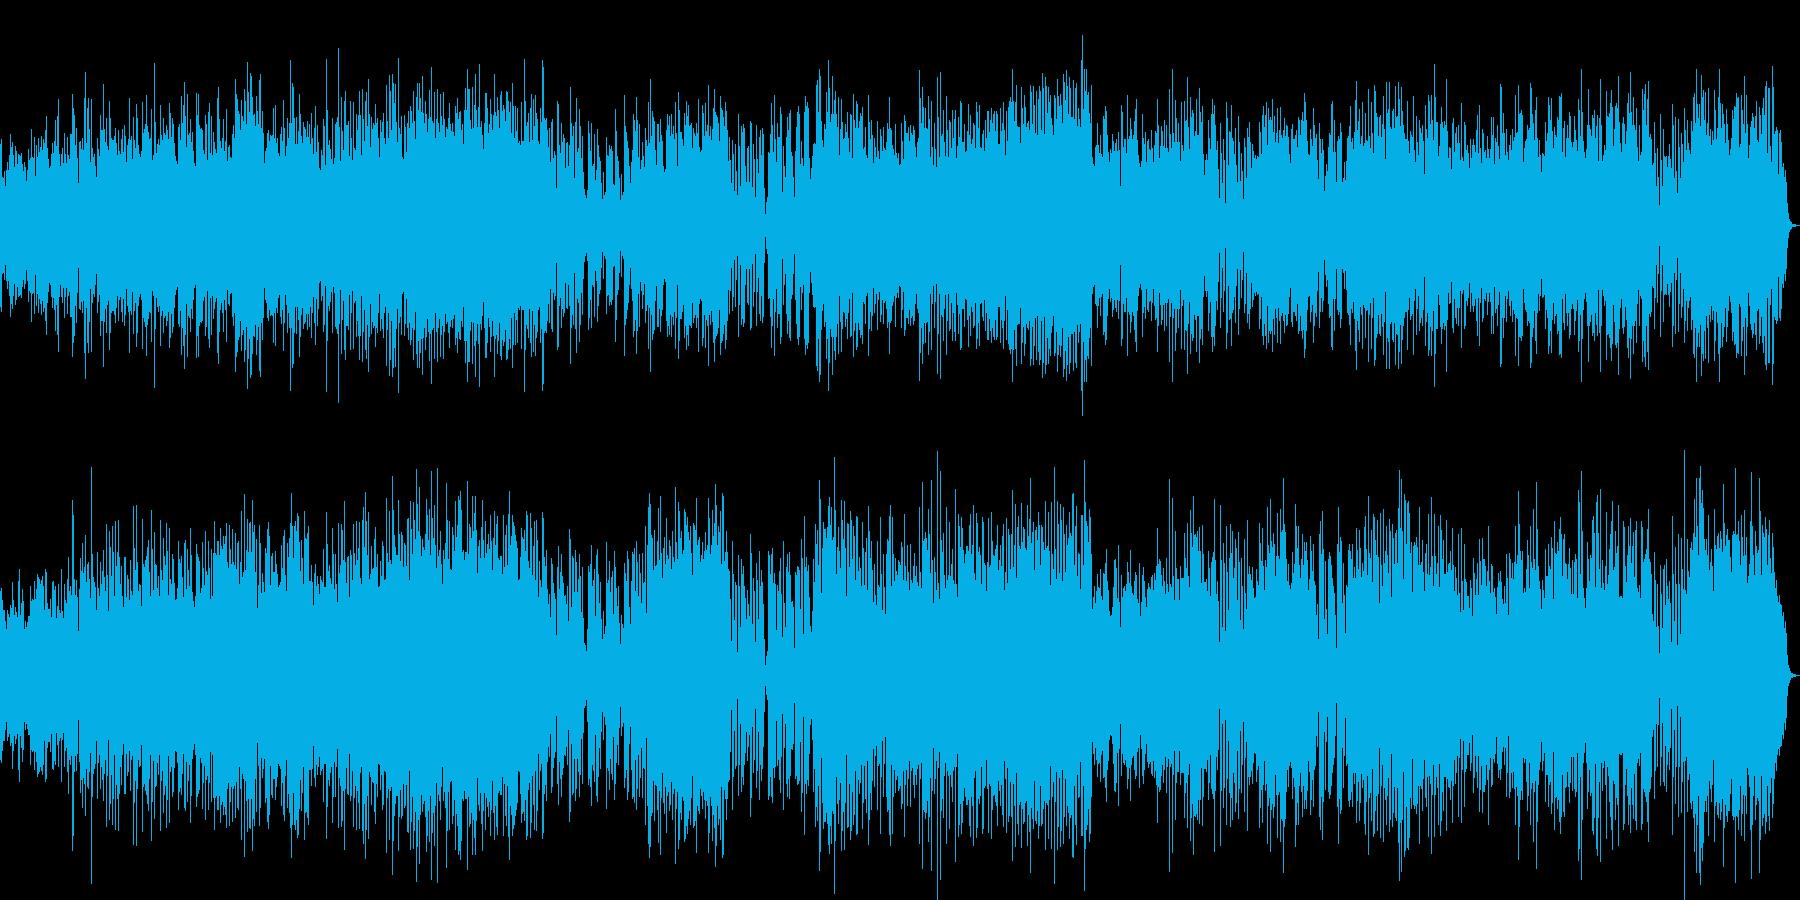 チェンバロの豪華な曲・2楽章(バッハ)の再生済みの波形